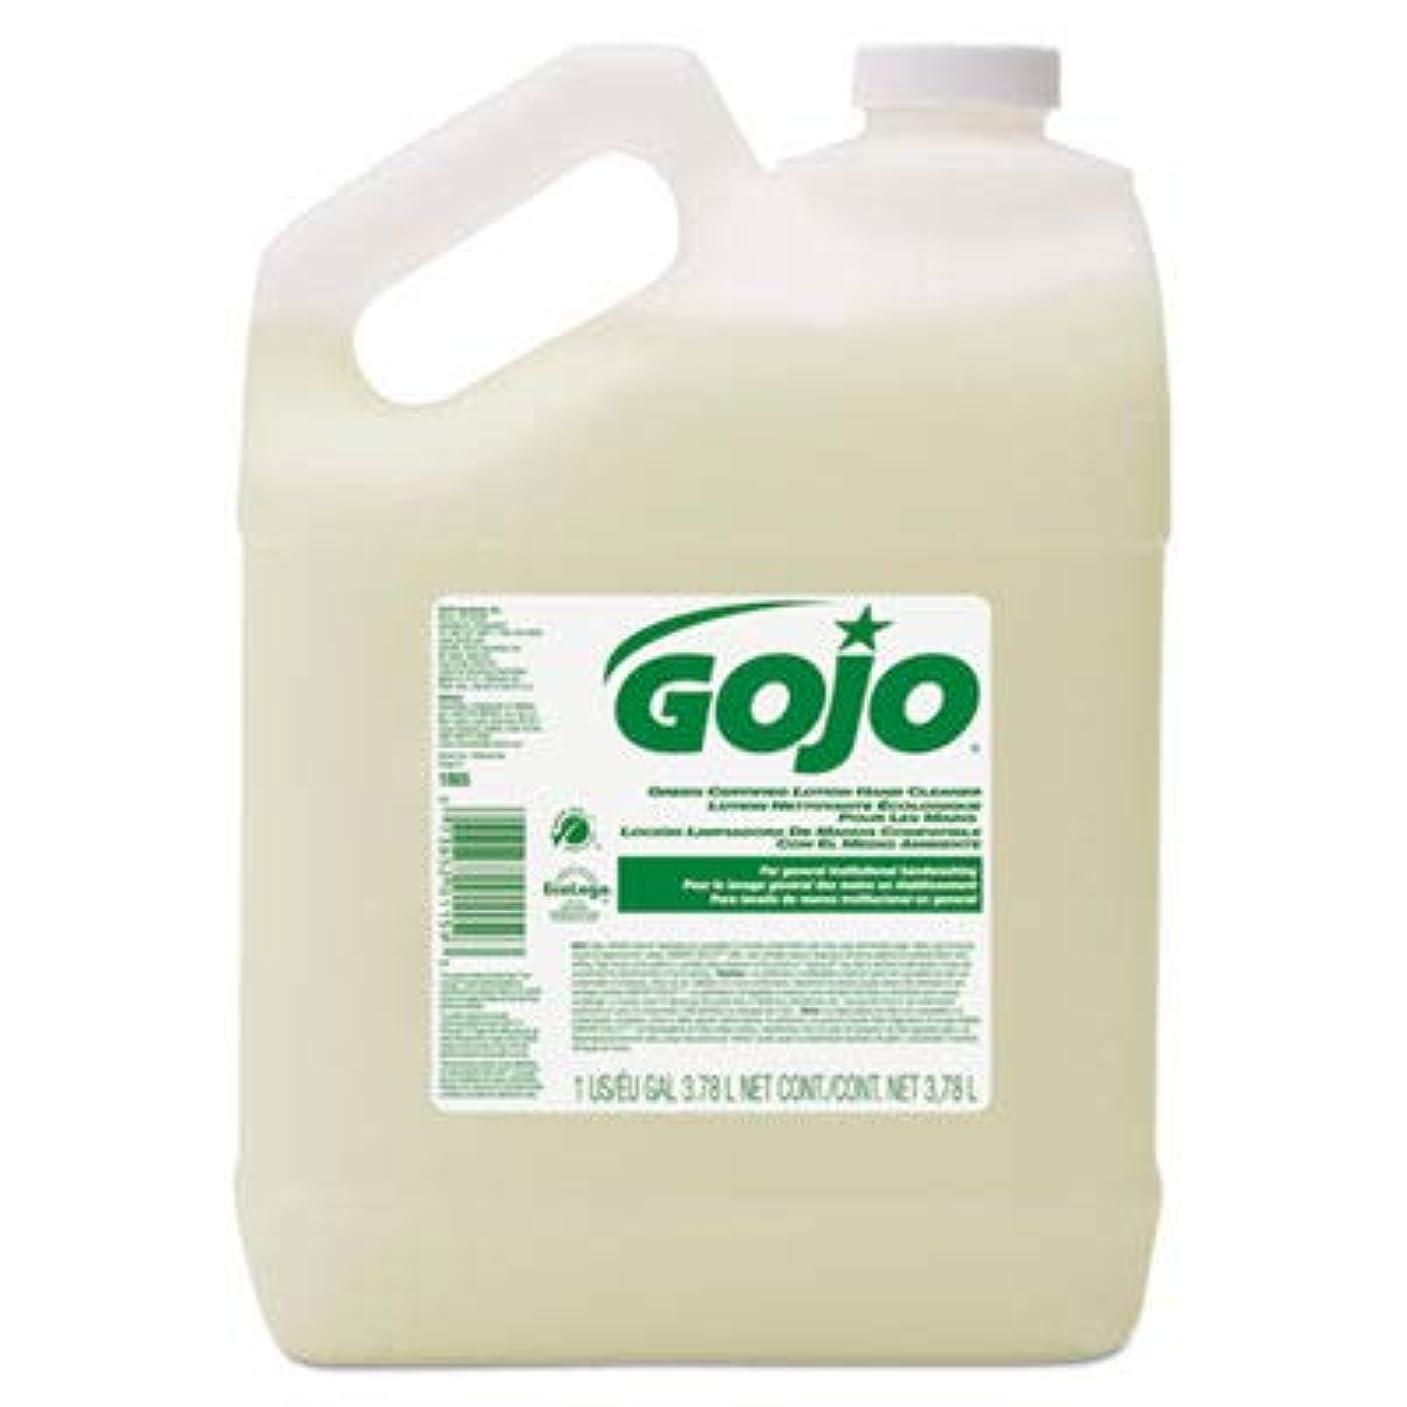 シュガーにんじん可愛いgoj186504 – グリーン認定ローションハンドクリーナー、1ガロンボトル、花柄香り